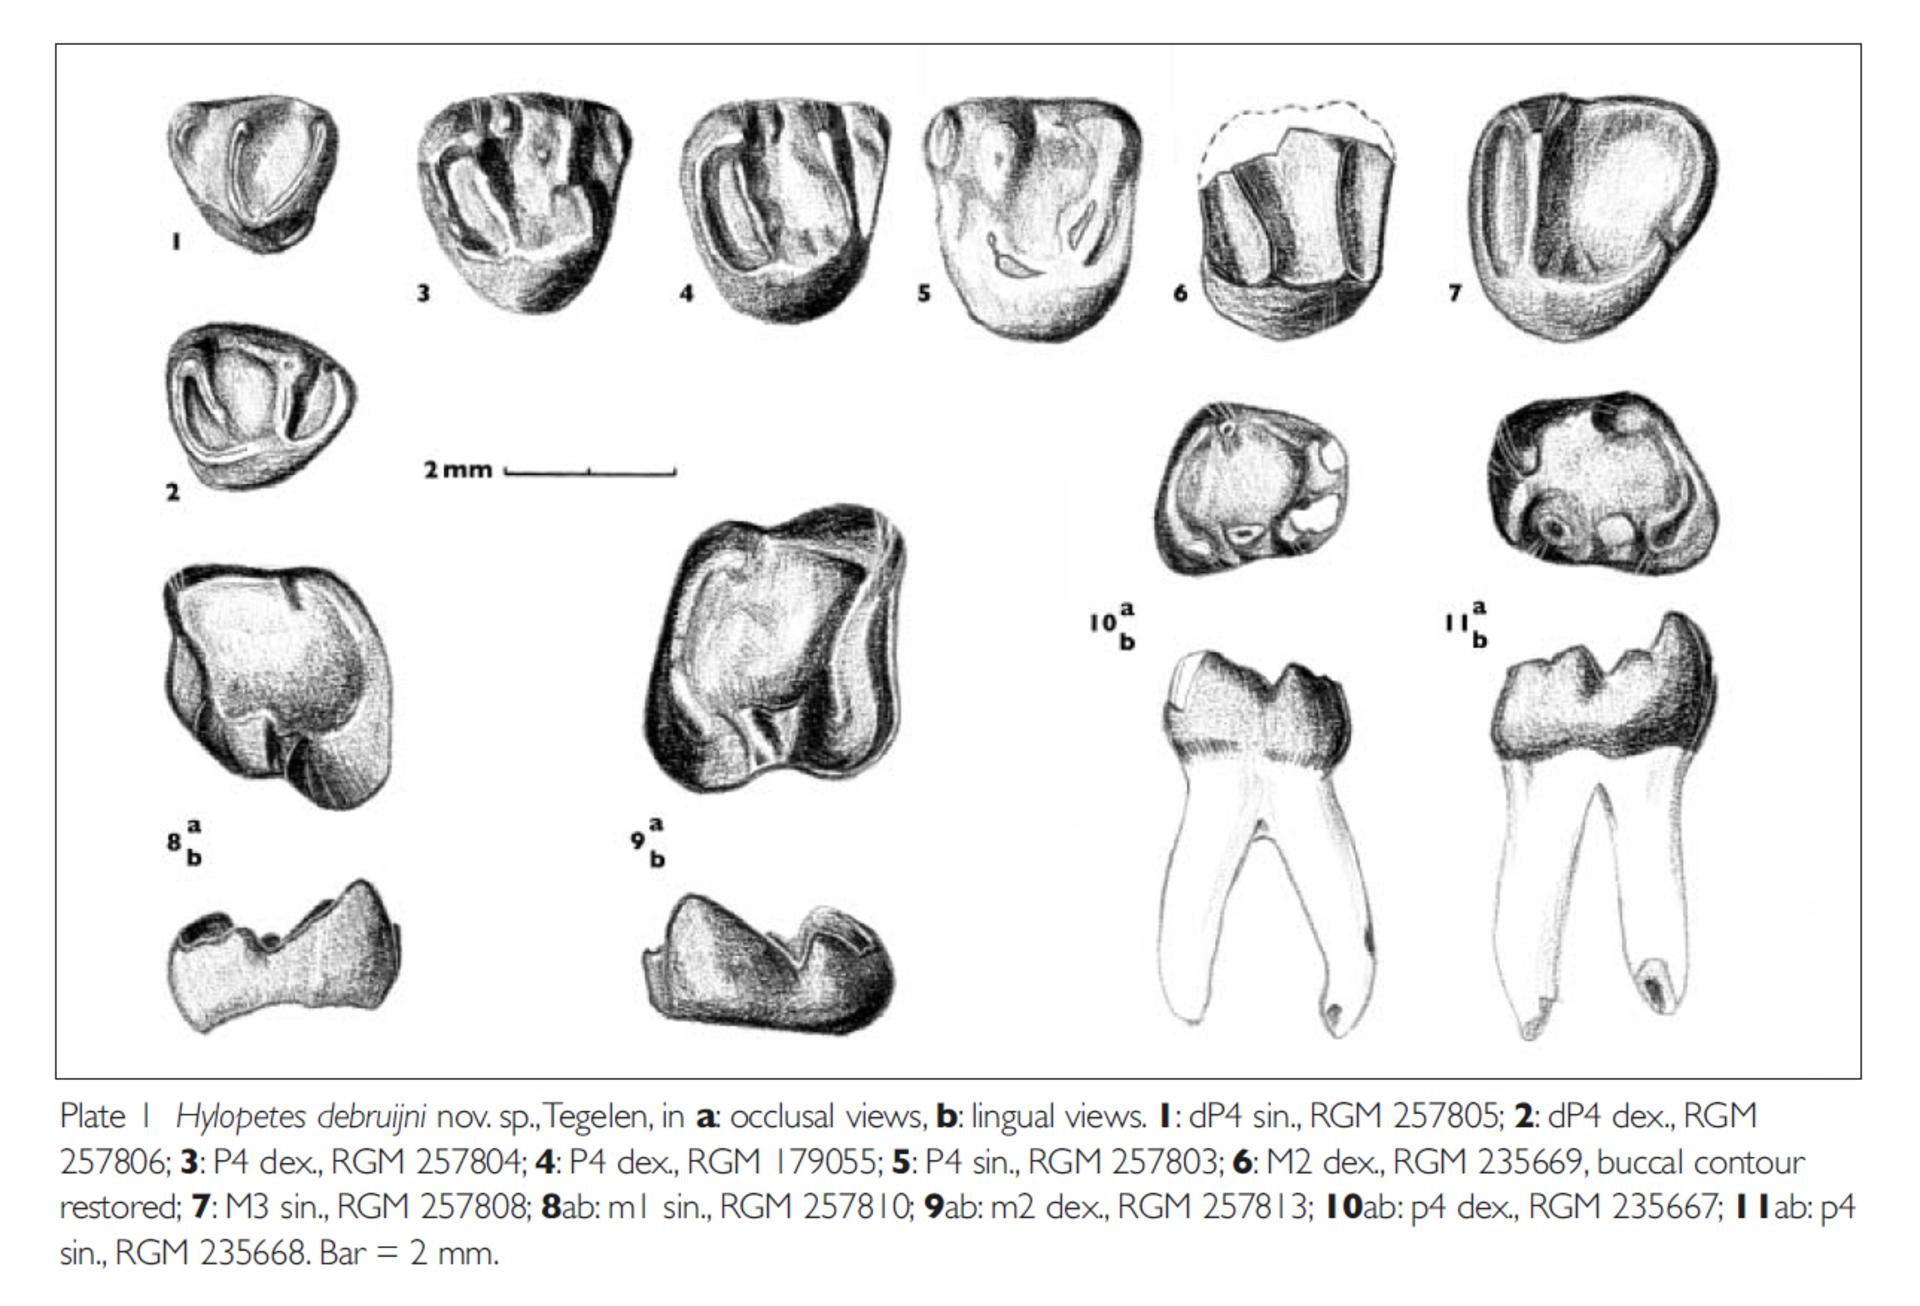 RGM.257806 | Hylopetes debruijni Reumer & van den Hoek Ostende, 2003